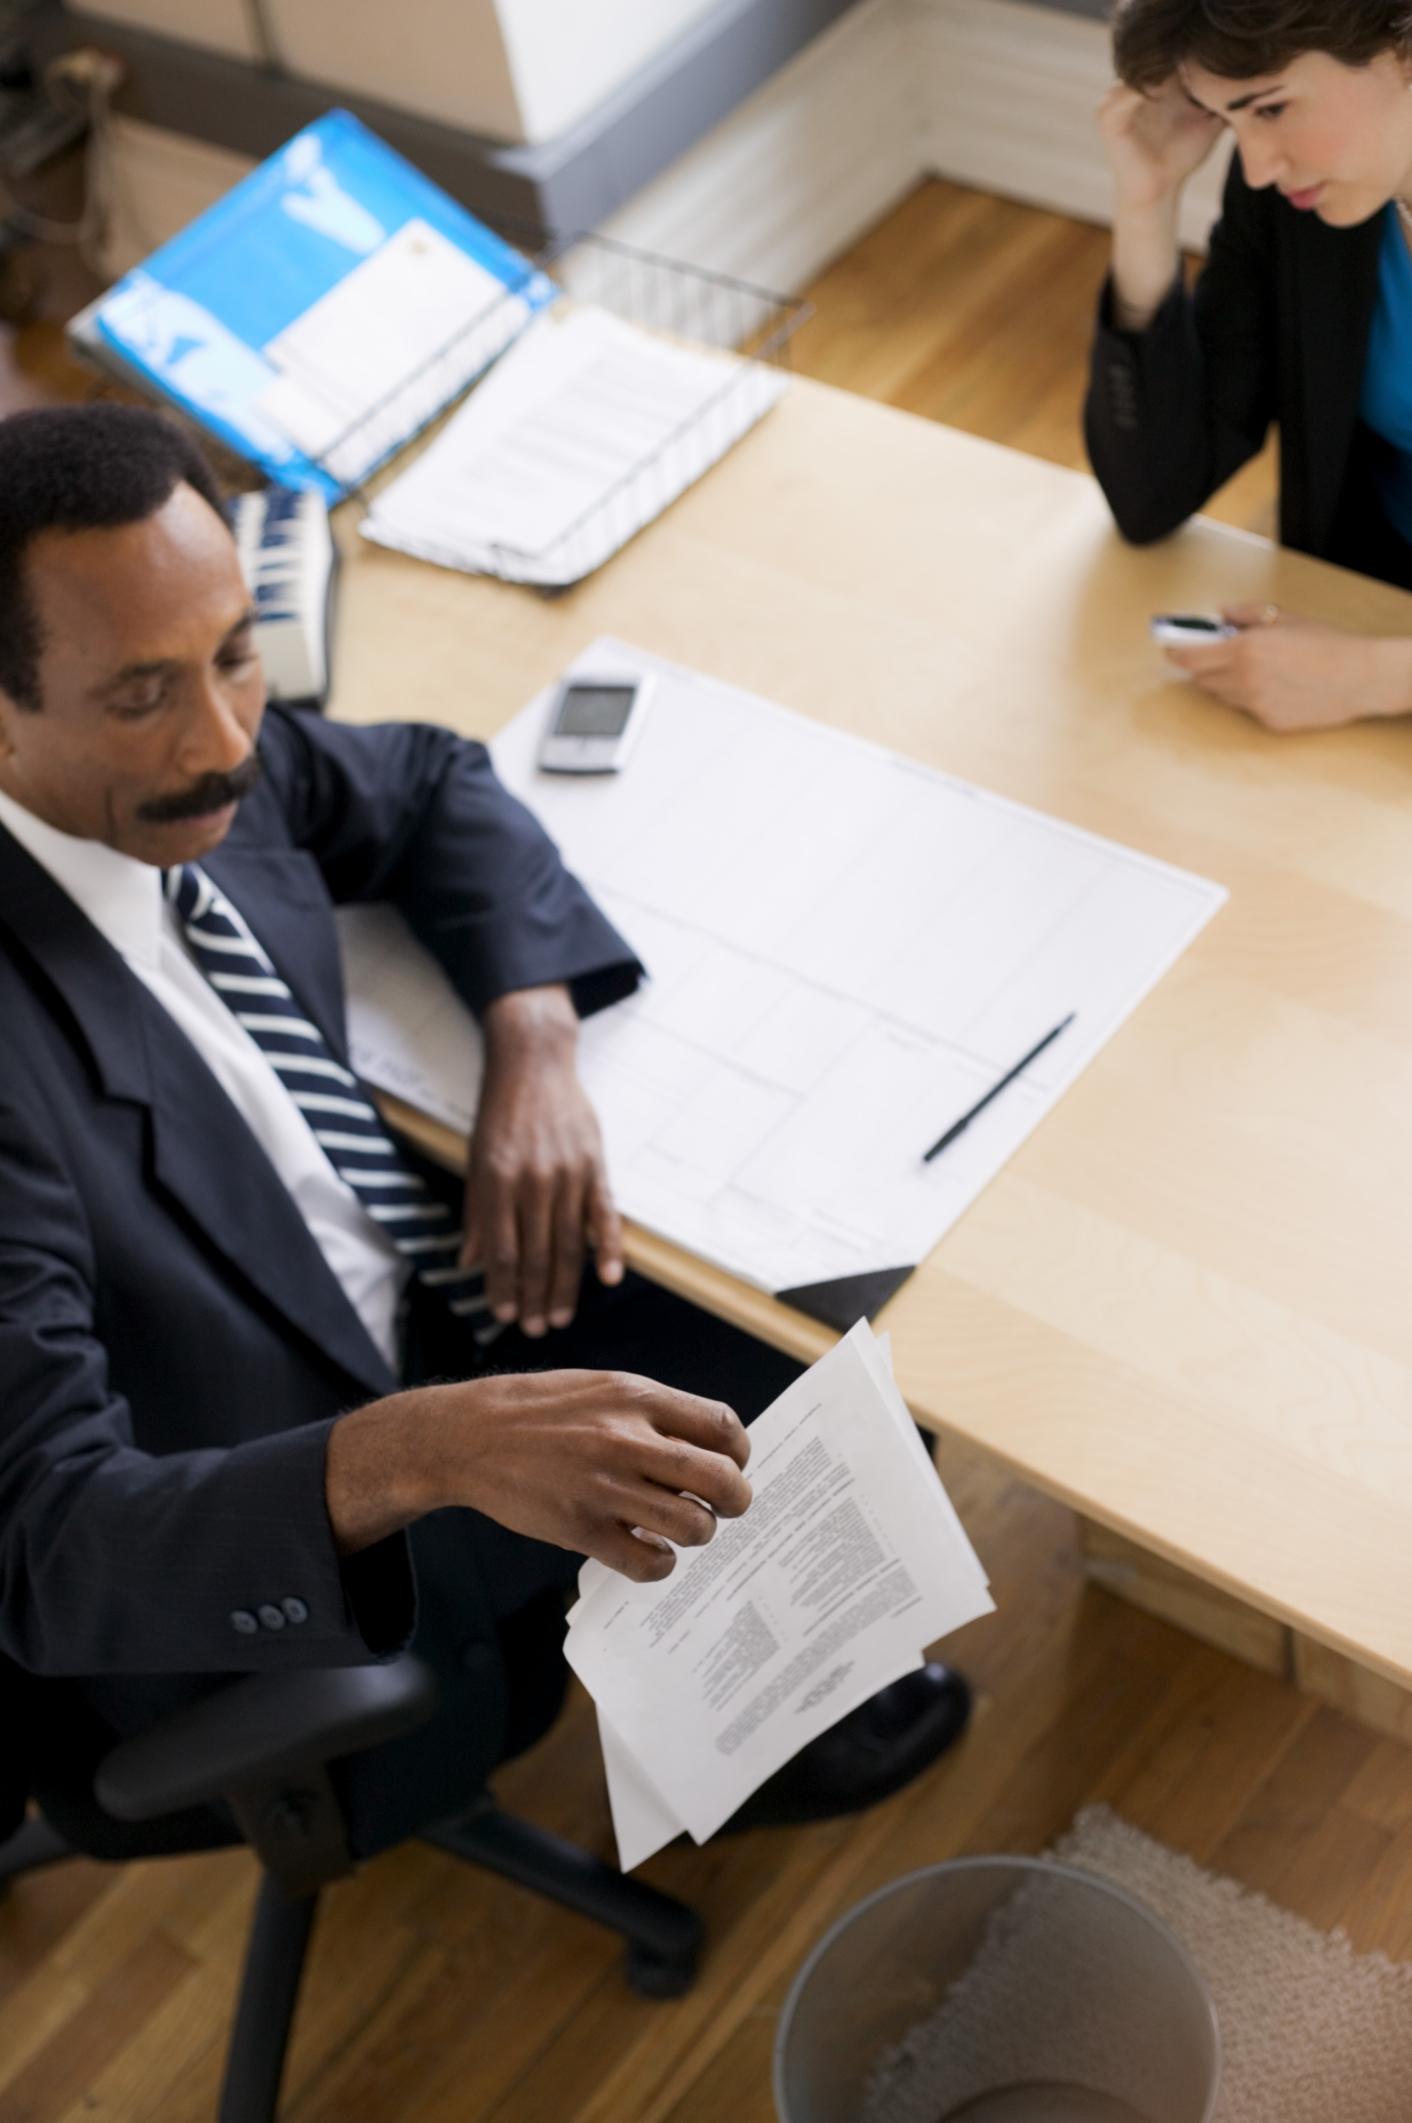 Ayuda con un curriculum vitae para un contratista independiente |